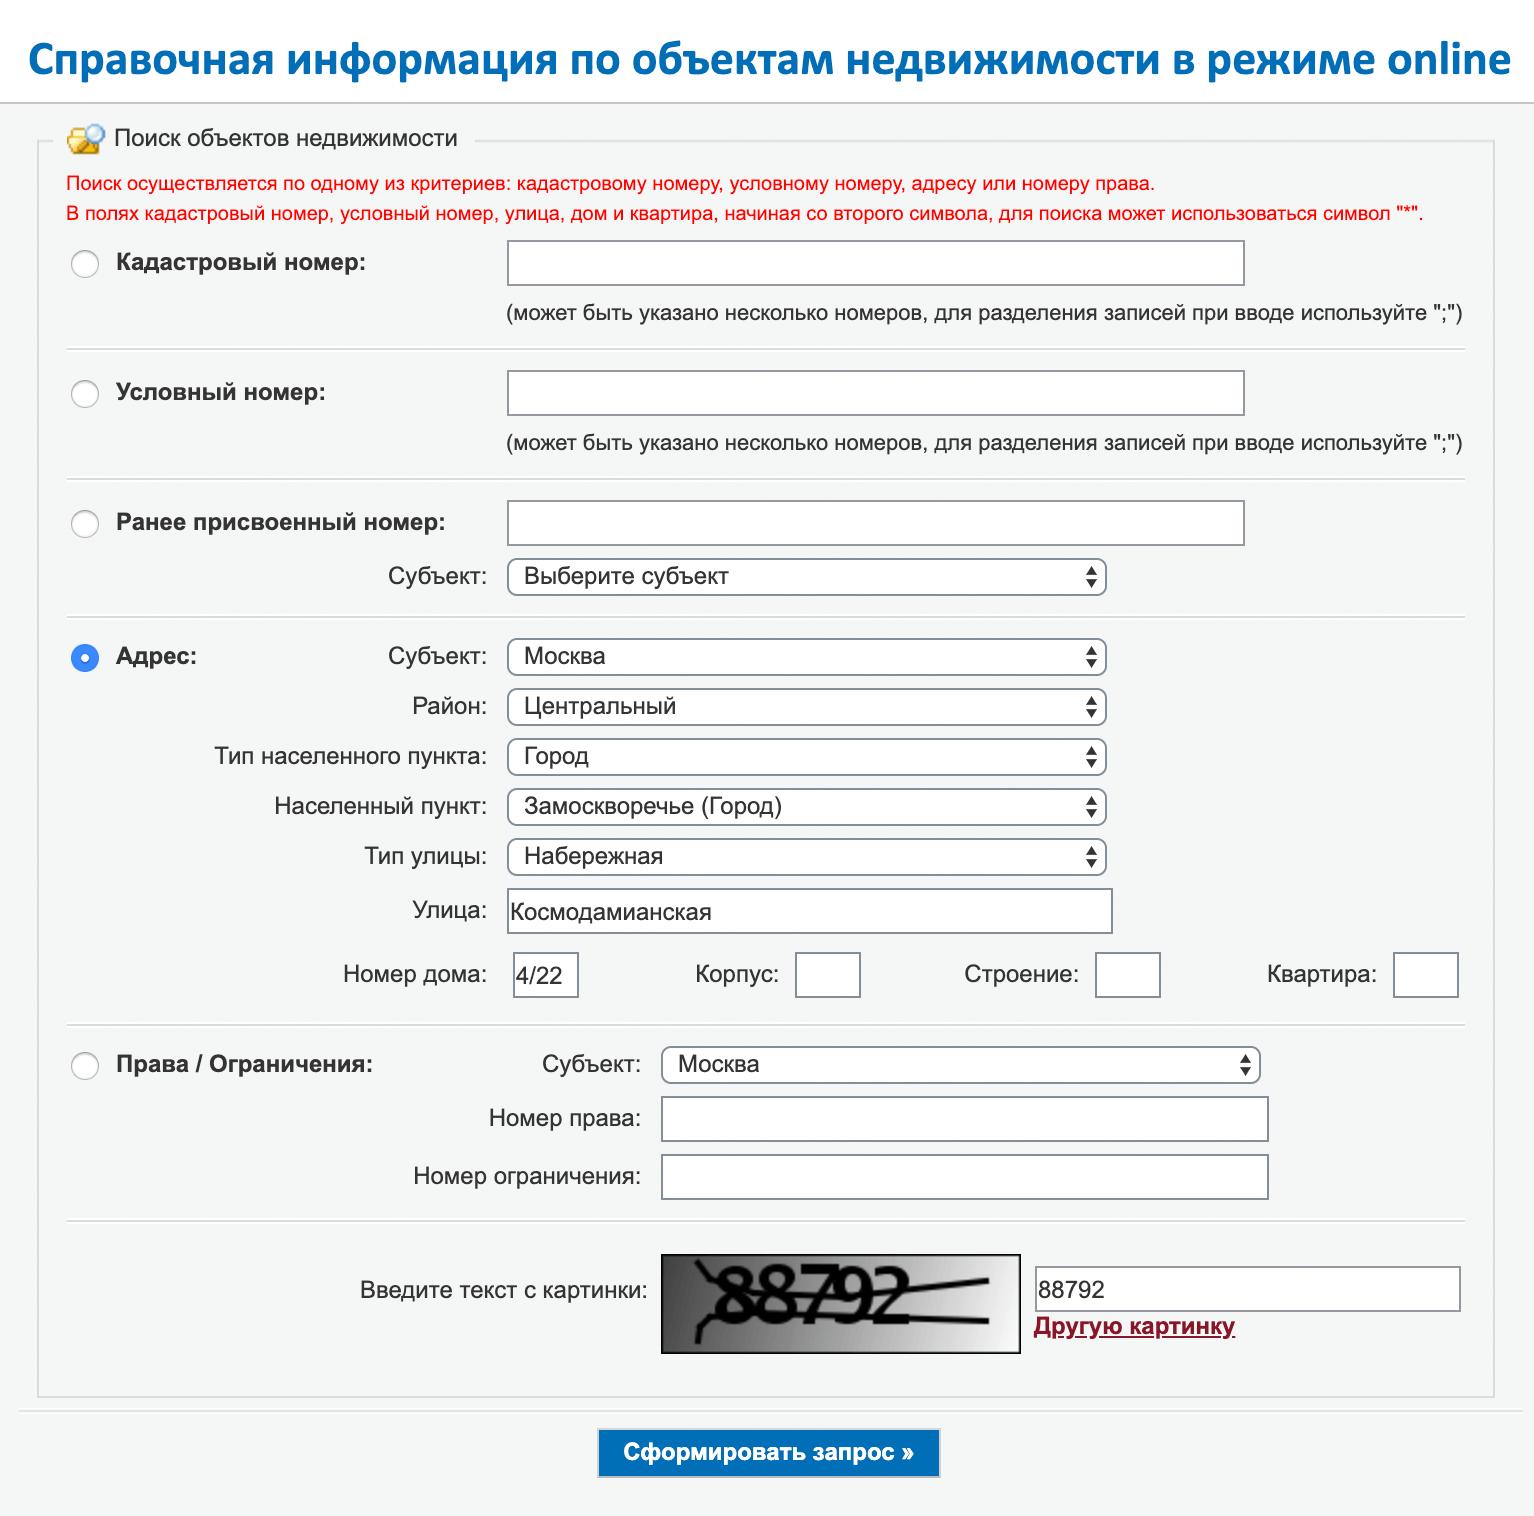 Чтобы запросить выписку, заполните кадастровый номер дома, если знаете, либо все возможные поля в разделе «Адрес». Чем больше полей заполните, тем больше данных получите. Введите текст с картинки и нажмите «Сформировать запрос»